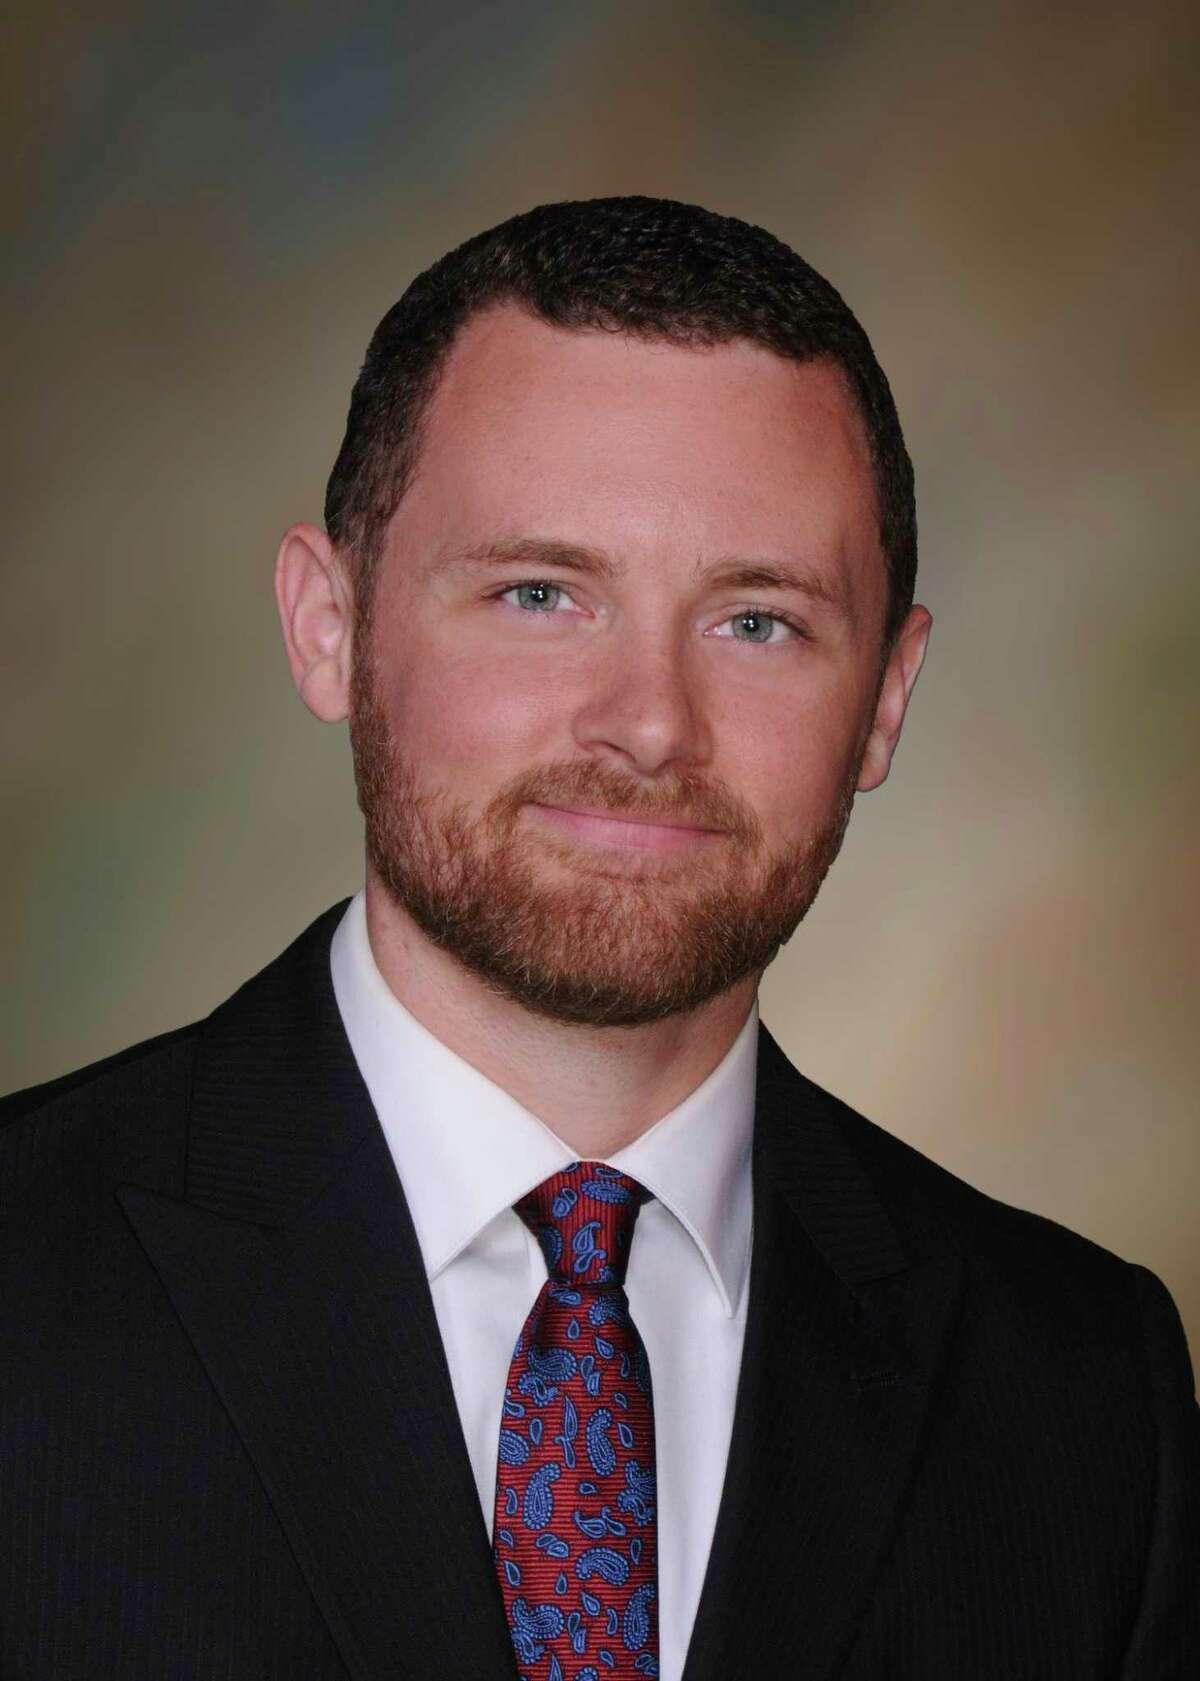 Ryan P. Conley